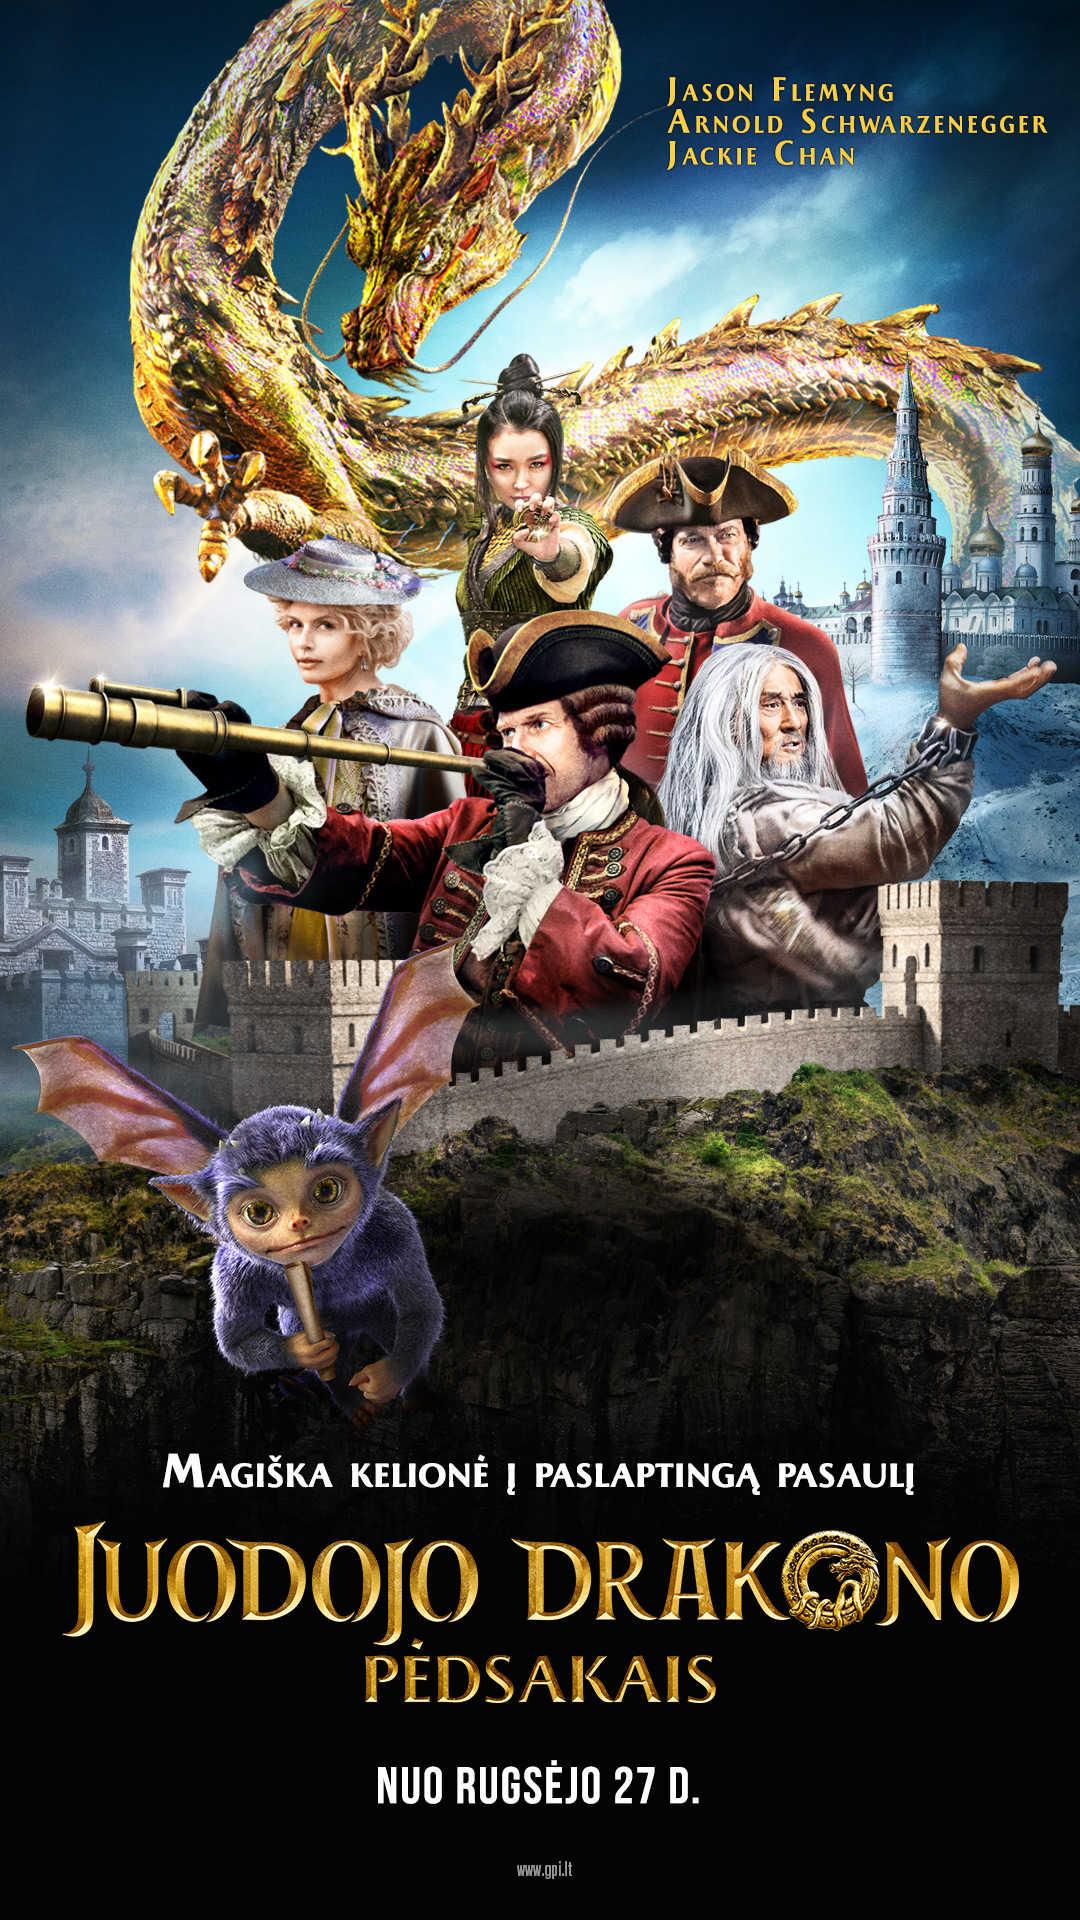 JUODOJO DRAKONO PĖDSAKAIS (The Mystery of the Dragon's Seal)